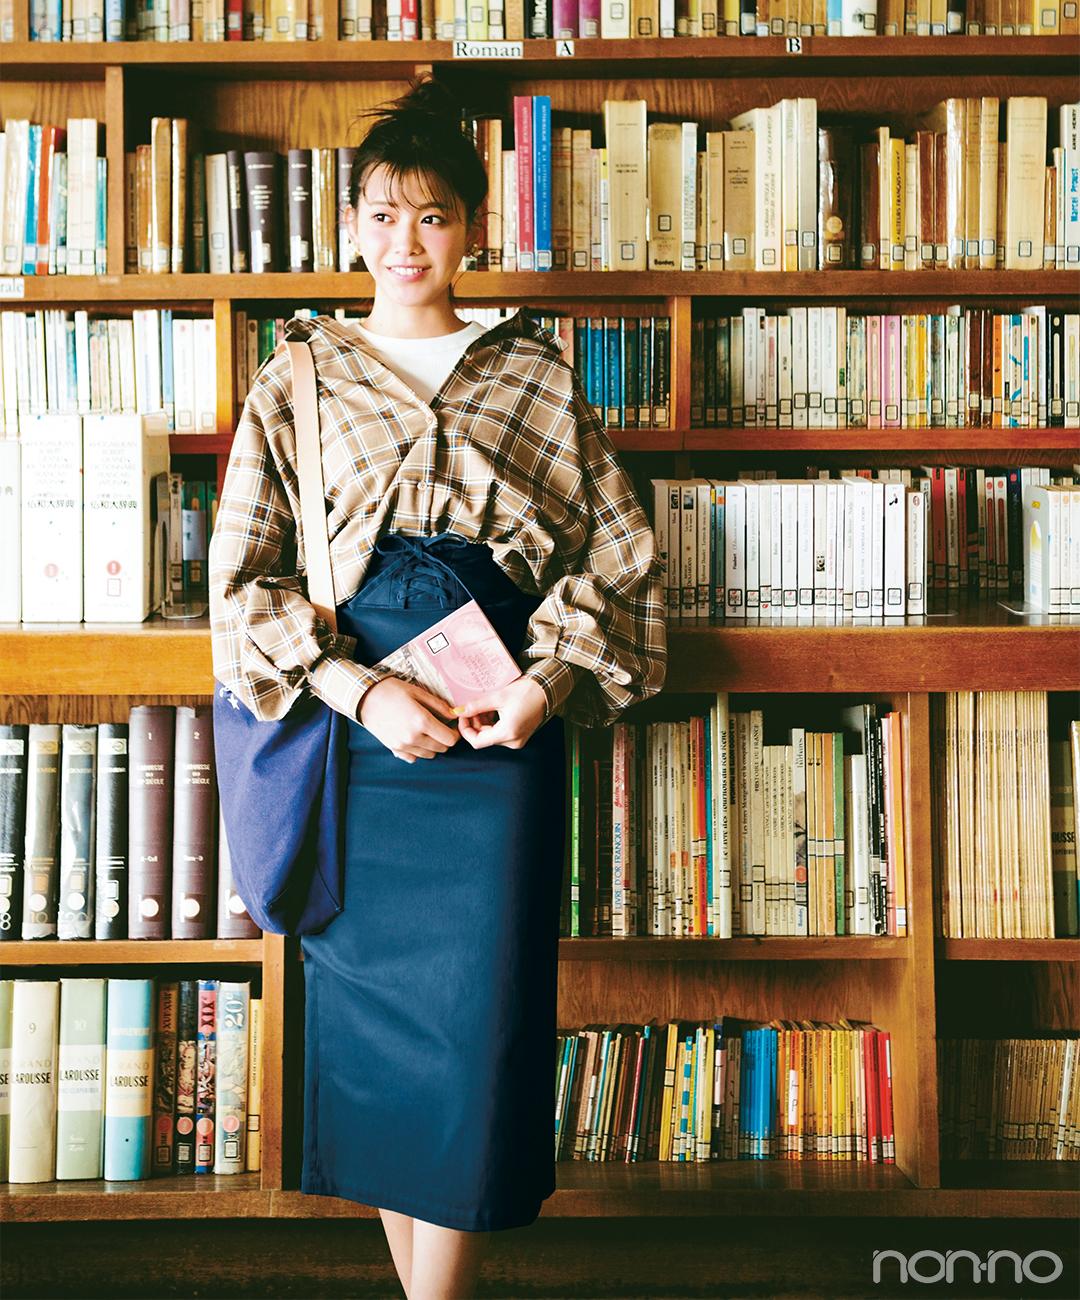 渡邉理佐はビッグシャツとタイトスカートでトレンドカジュアル【毎日コーデ】_1_1